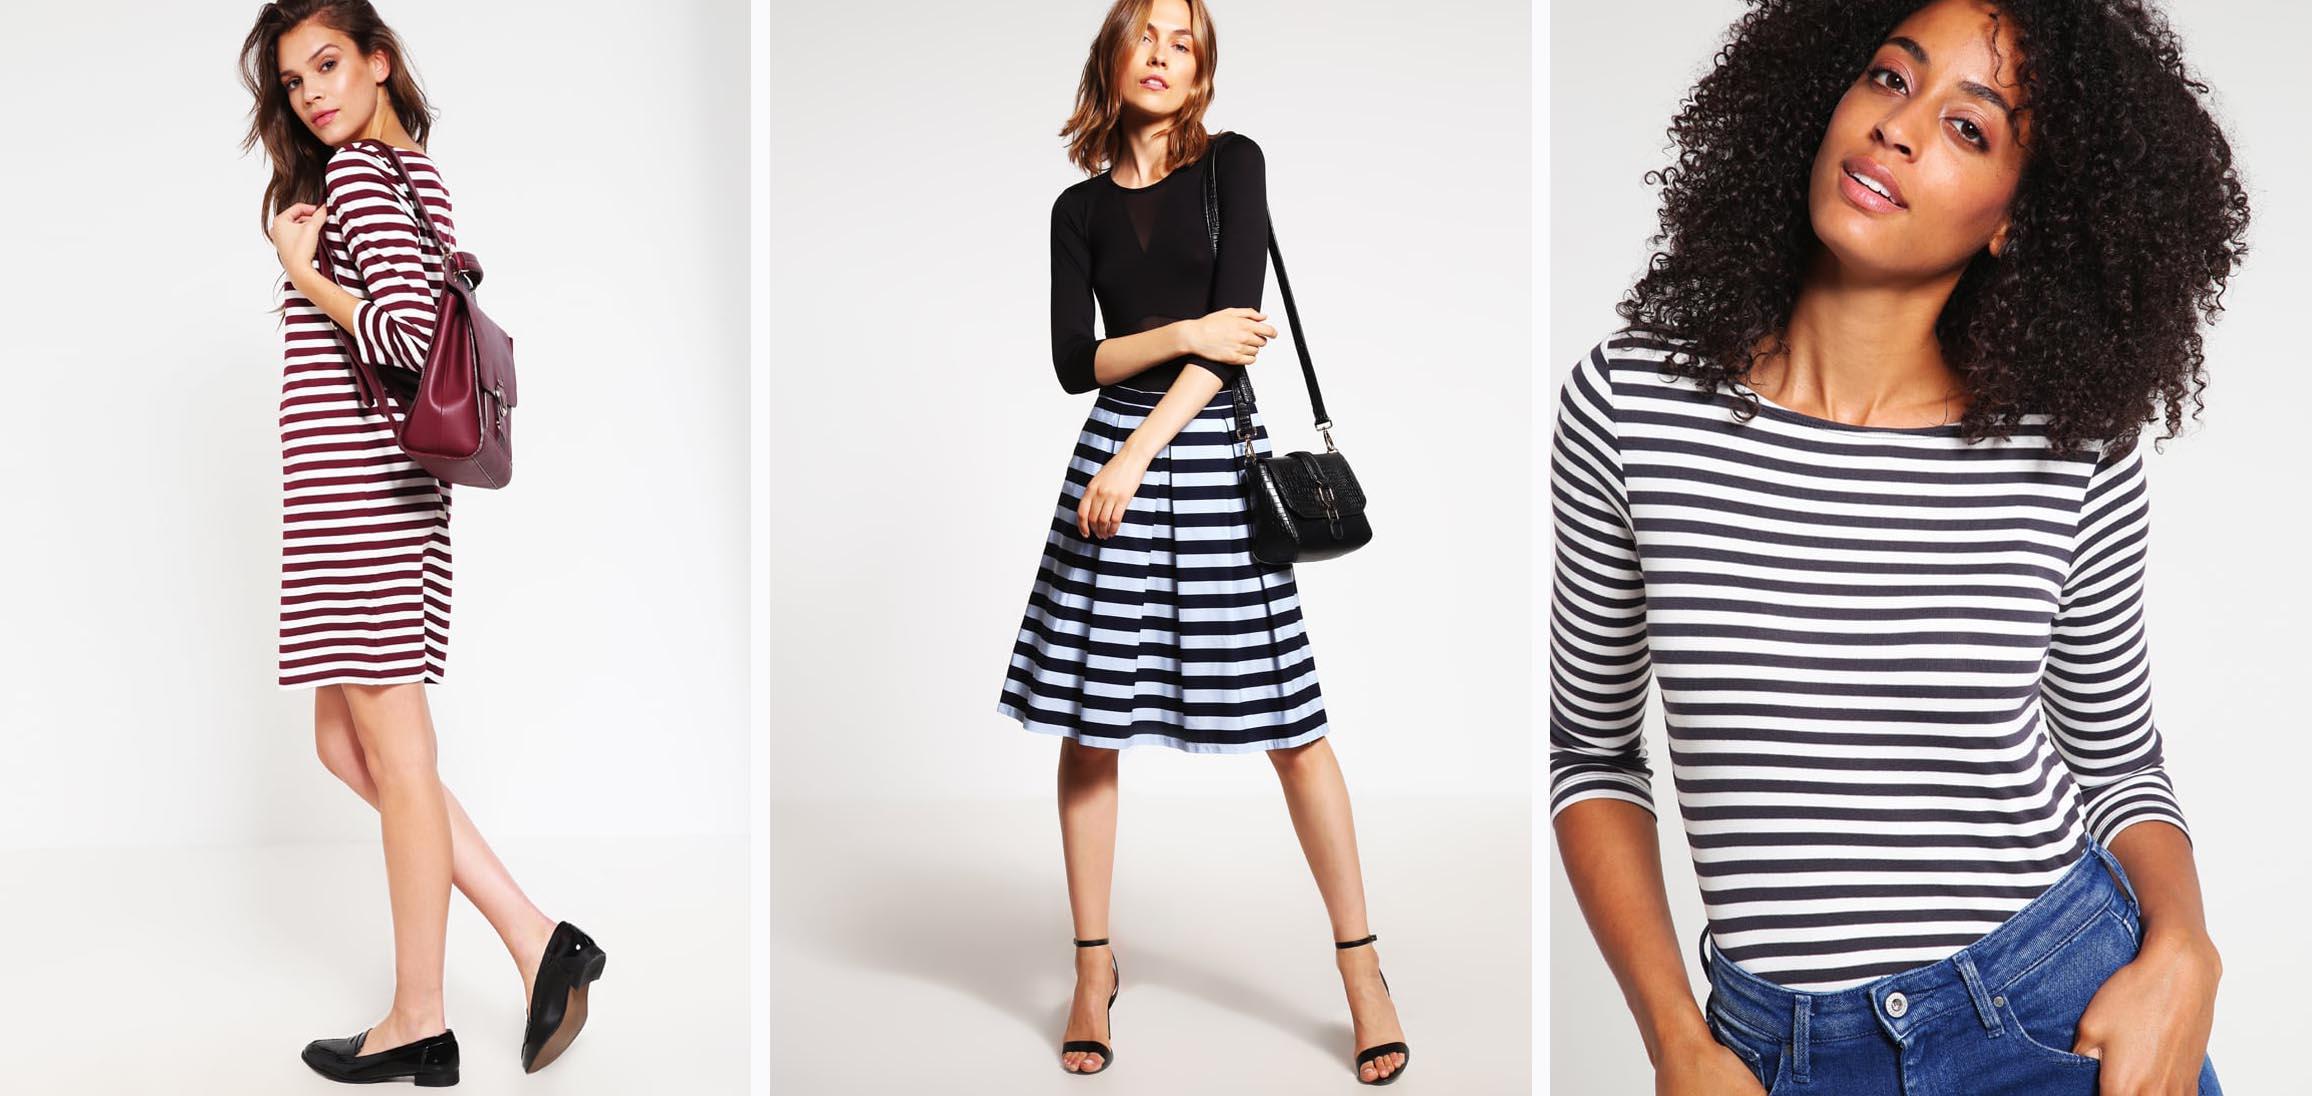 Shoppen: stijlvol de herfst in met deze tijdloze streepjes